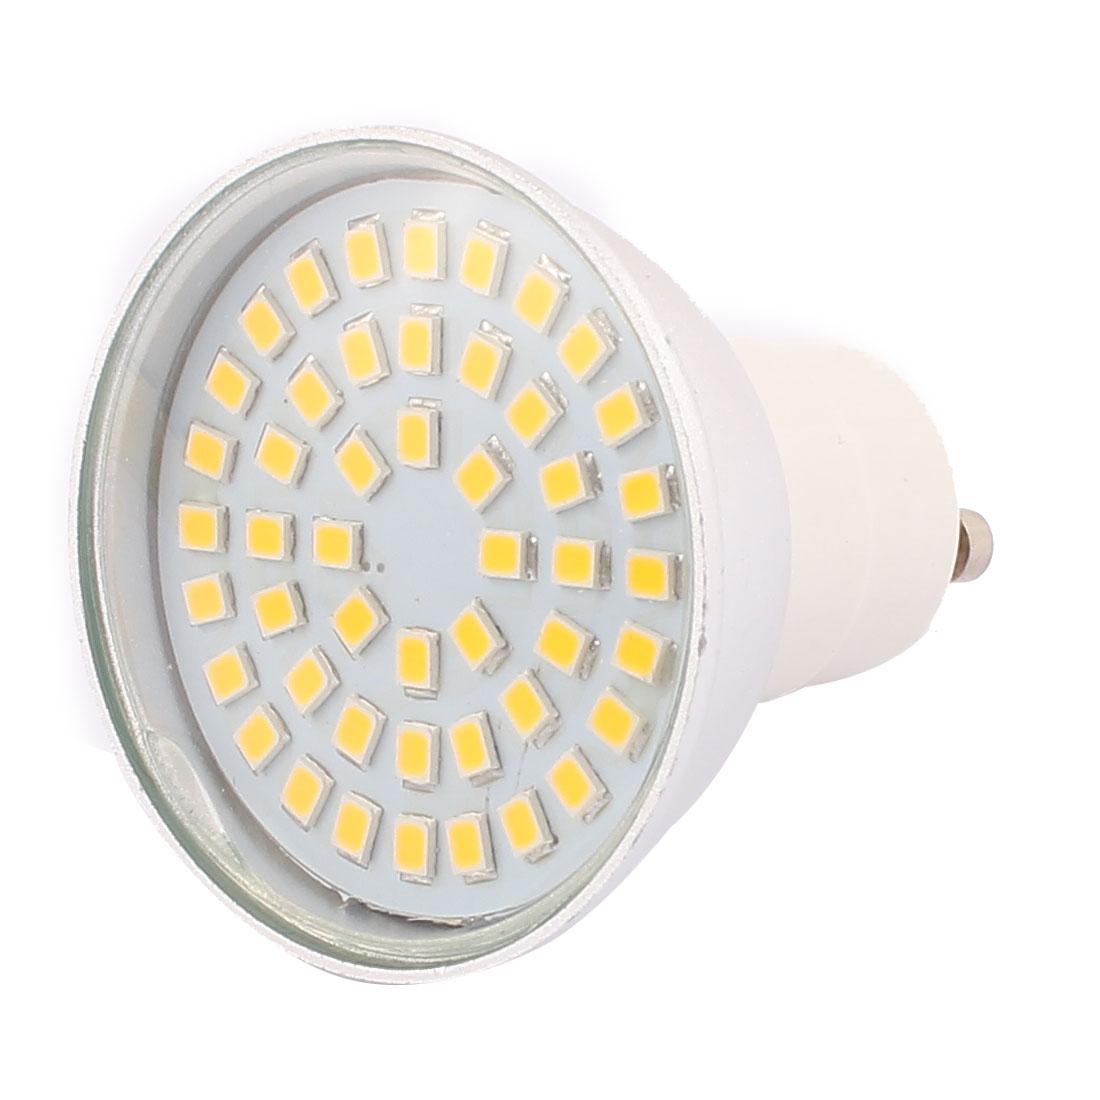 220V GU10 LED Light 4W 2835 SMD 48 LEDs Spotlight Down Lamp Energy Saving Warm White